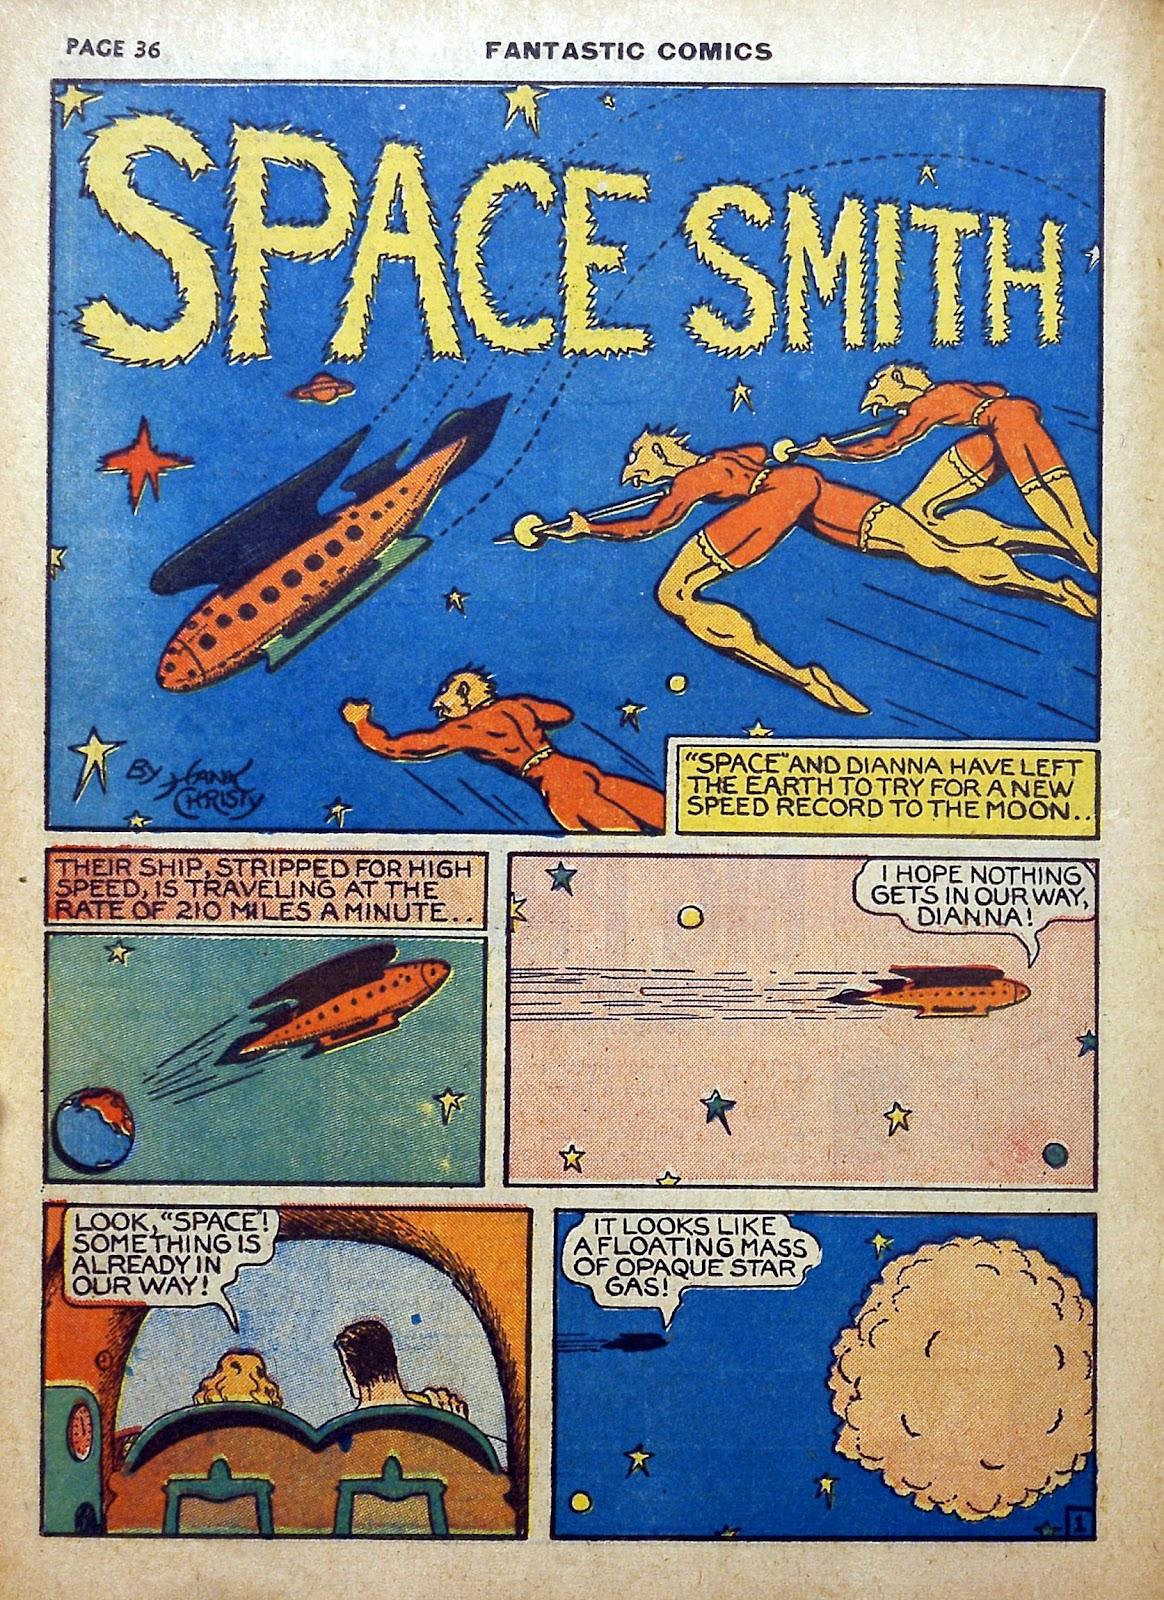 Read online Fantastic Comics comic -  Issue #5 - 37